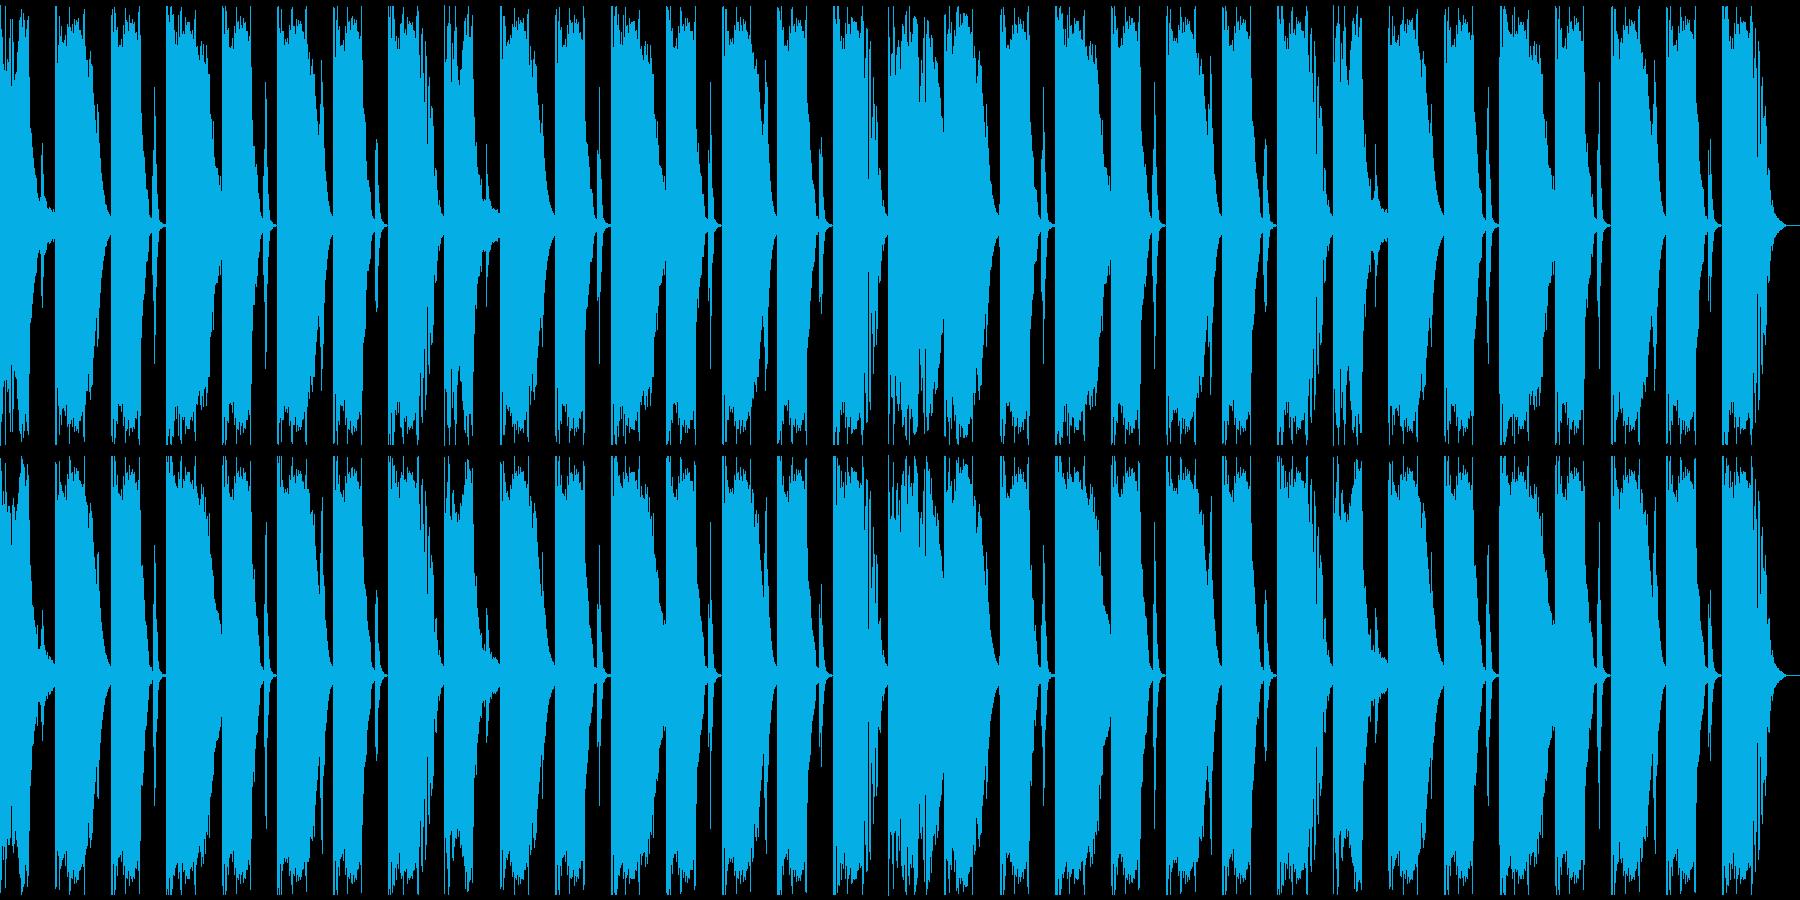 【エレクトロニカ】ロング2、ジングル4の再生済みの波形